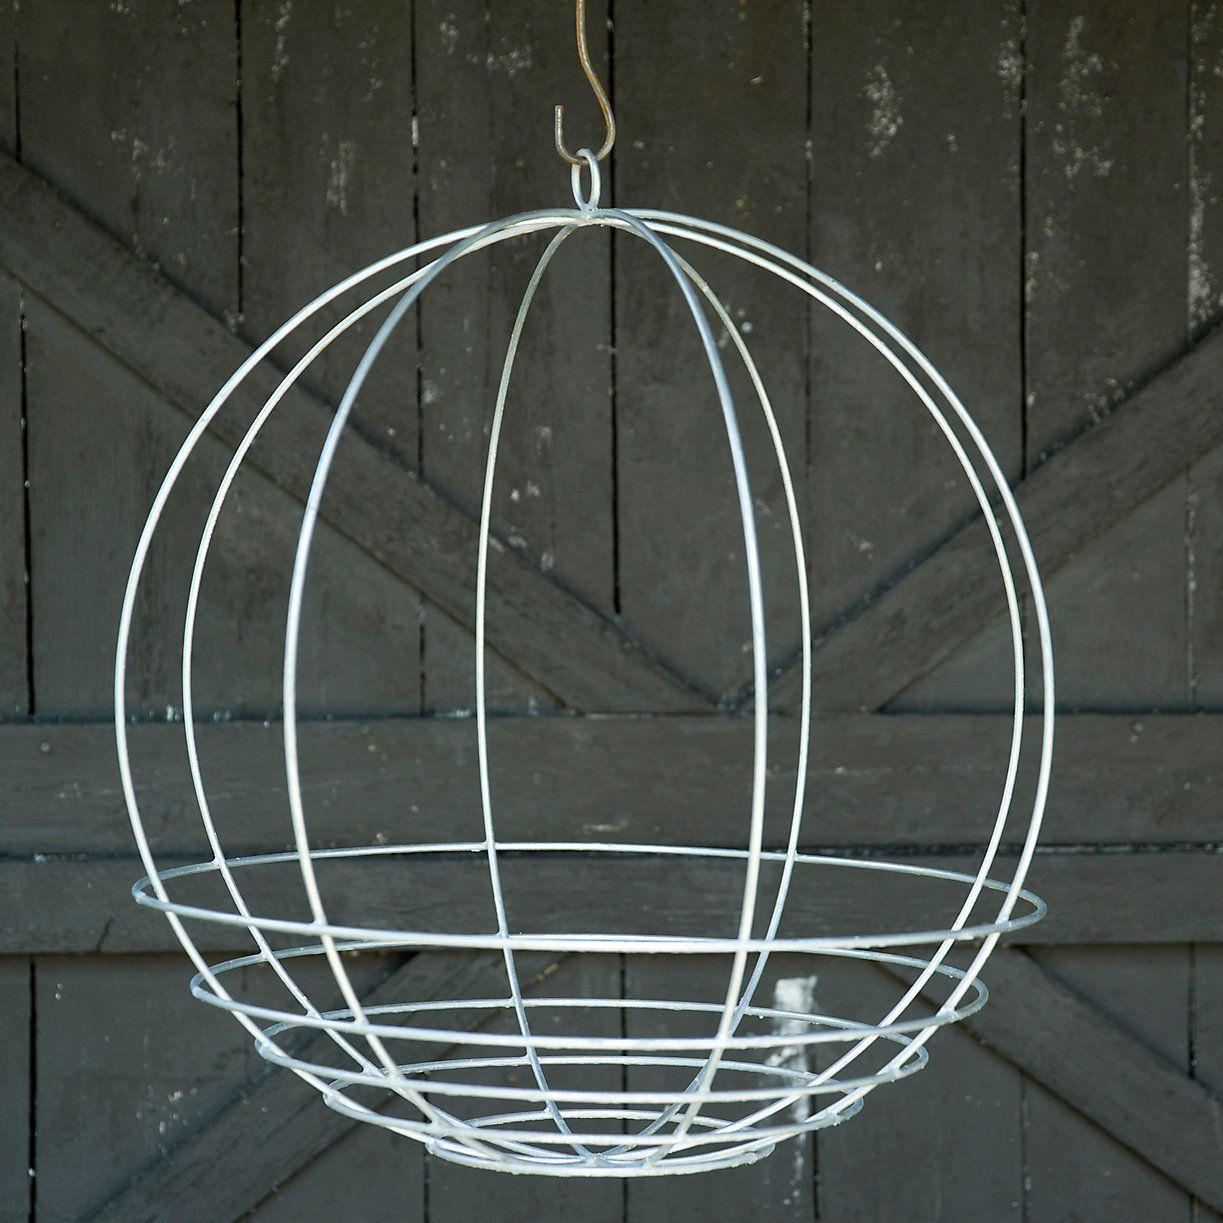 Zinc Sphere Hanging Basket Hanging Baskets Wire Hanger Crafts Hanger Crafts